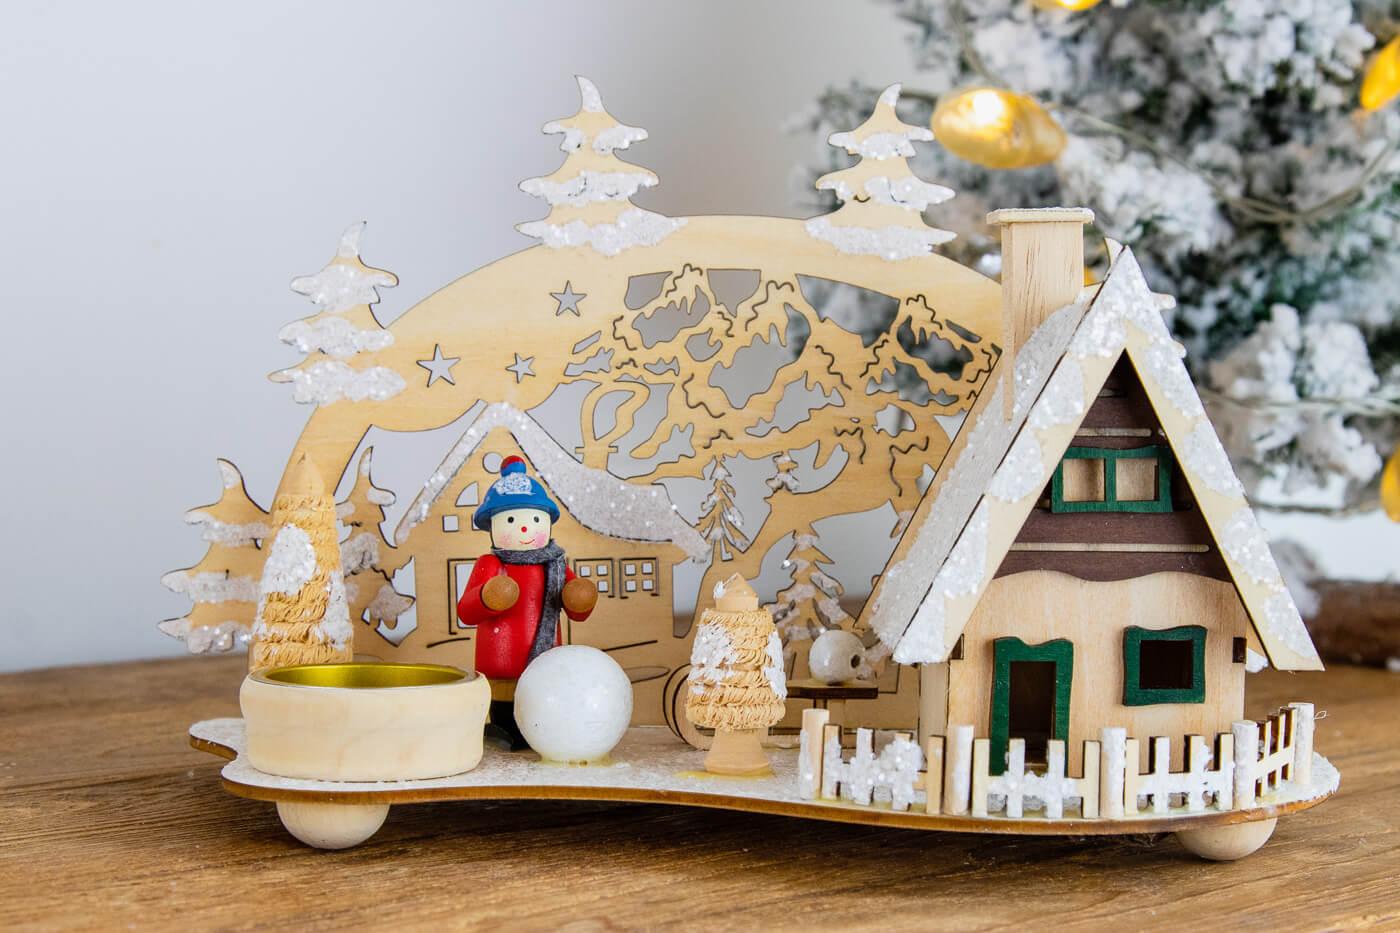 Räucherhaus mit Teelichthalter Winterkind mit Schneekugel + Schlitten